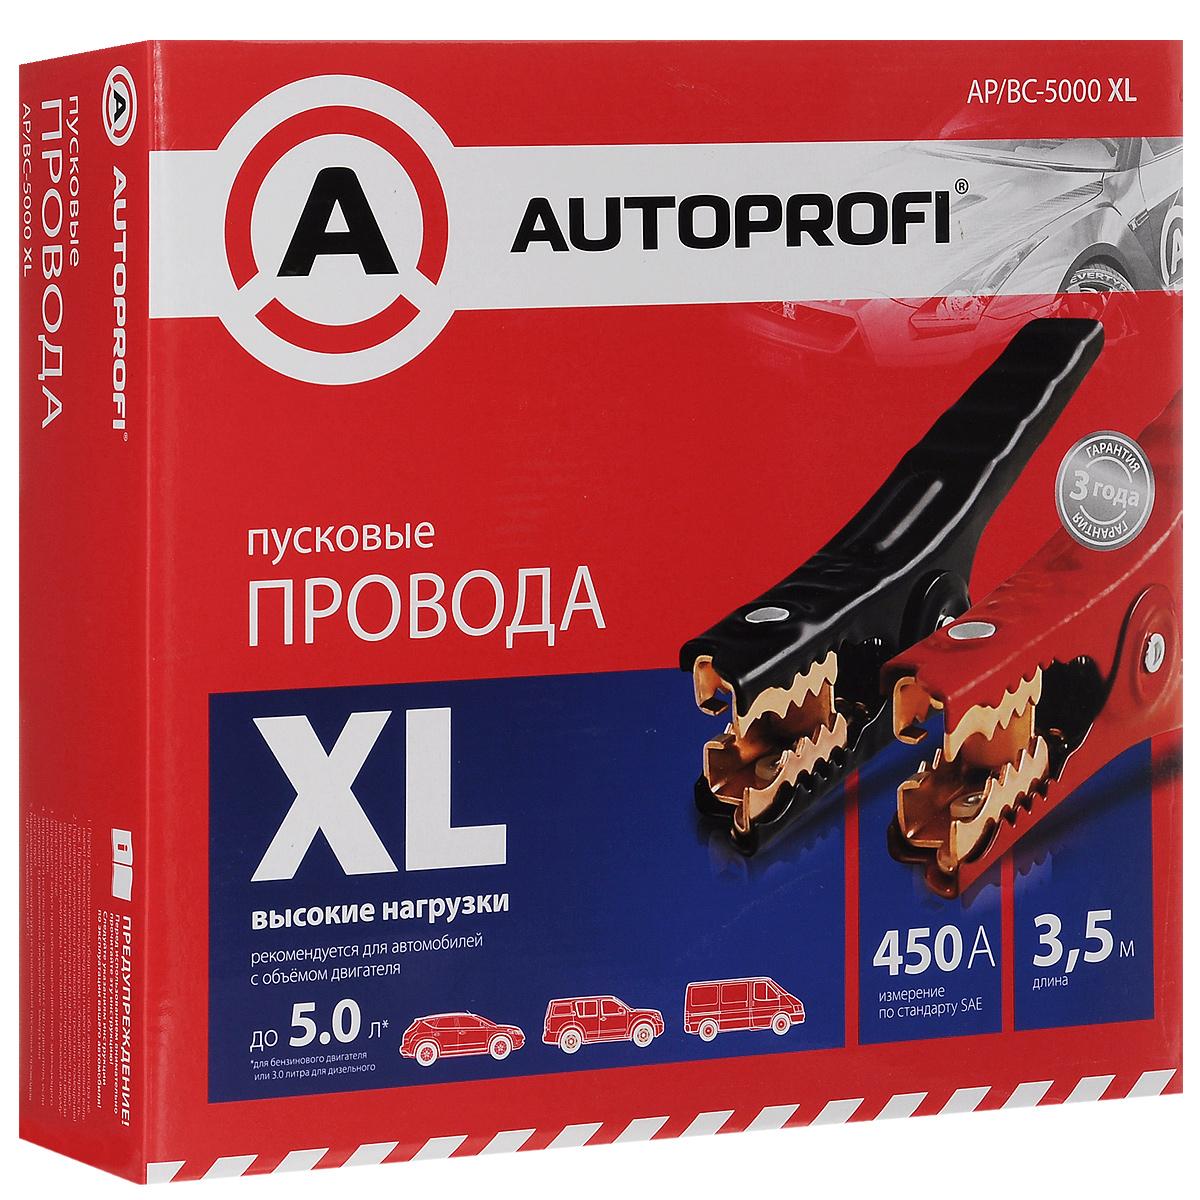 Провода пусковые Autoprofi XL, высокие нагрузки, 21,15 мм2, 450 A, 3,5 мAP/BC - 5000 XLПусковые провода Autoprofi XL сделаны по американскому стандарту SAE J1494. Это значит, что падение напряжение ни при каких условиях не превышает 2,5 В. Ручки пусковых проводов не нагреваются до уровня, способного навредить человеку. Технологически это достигается использованием проводов из толстой алюминиевой жилы с медным напылением, а также надежной термопластовой изоляцией. Данные провода рекомендованы для автомобилей с бензиновым двигателем, объемом до 5 л. или с дизельным двигателем, объемом до 3 л. Сумка для переноски и хранения в комплекте. Ток нагрузки: 450 А. Длина провода: 3,5 м. Сечение проводника: 21,15 мм2. Диапазон рабочих температур: от -40°С до +60°С.